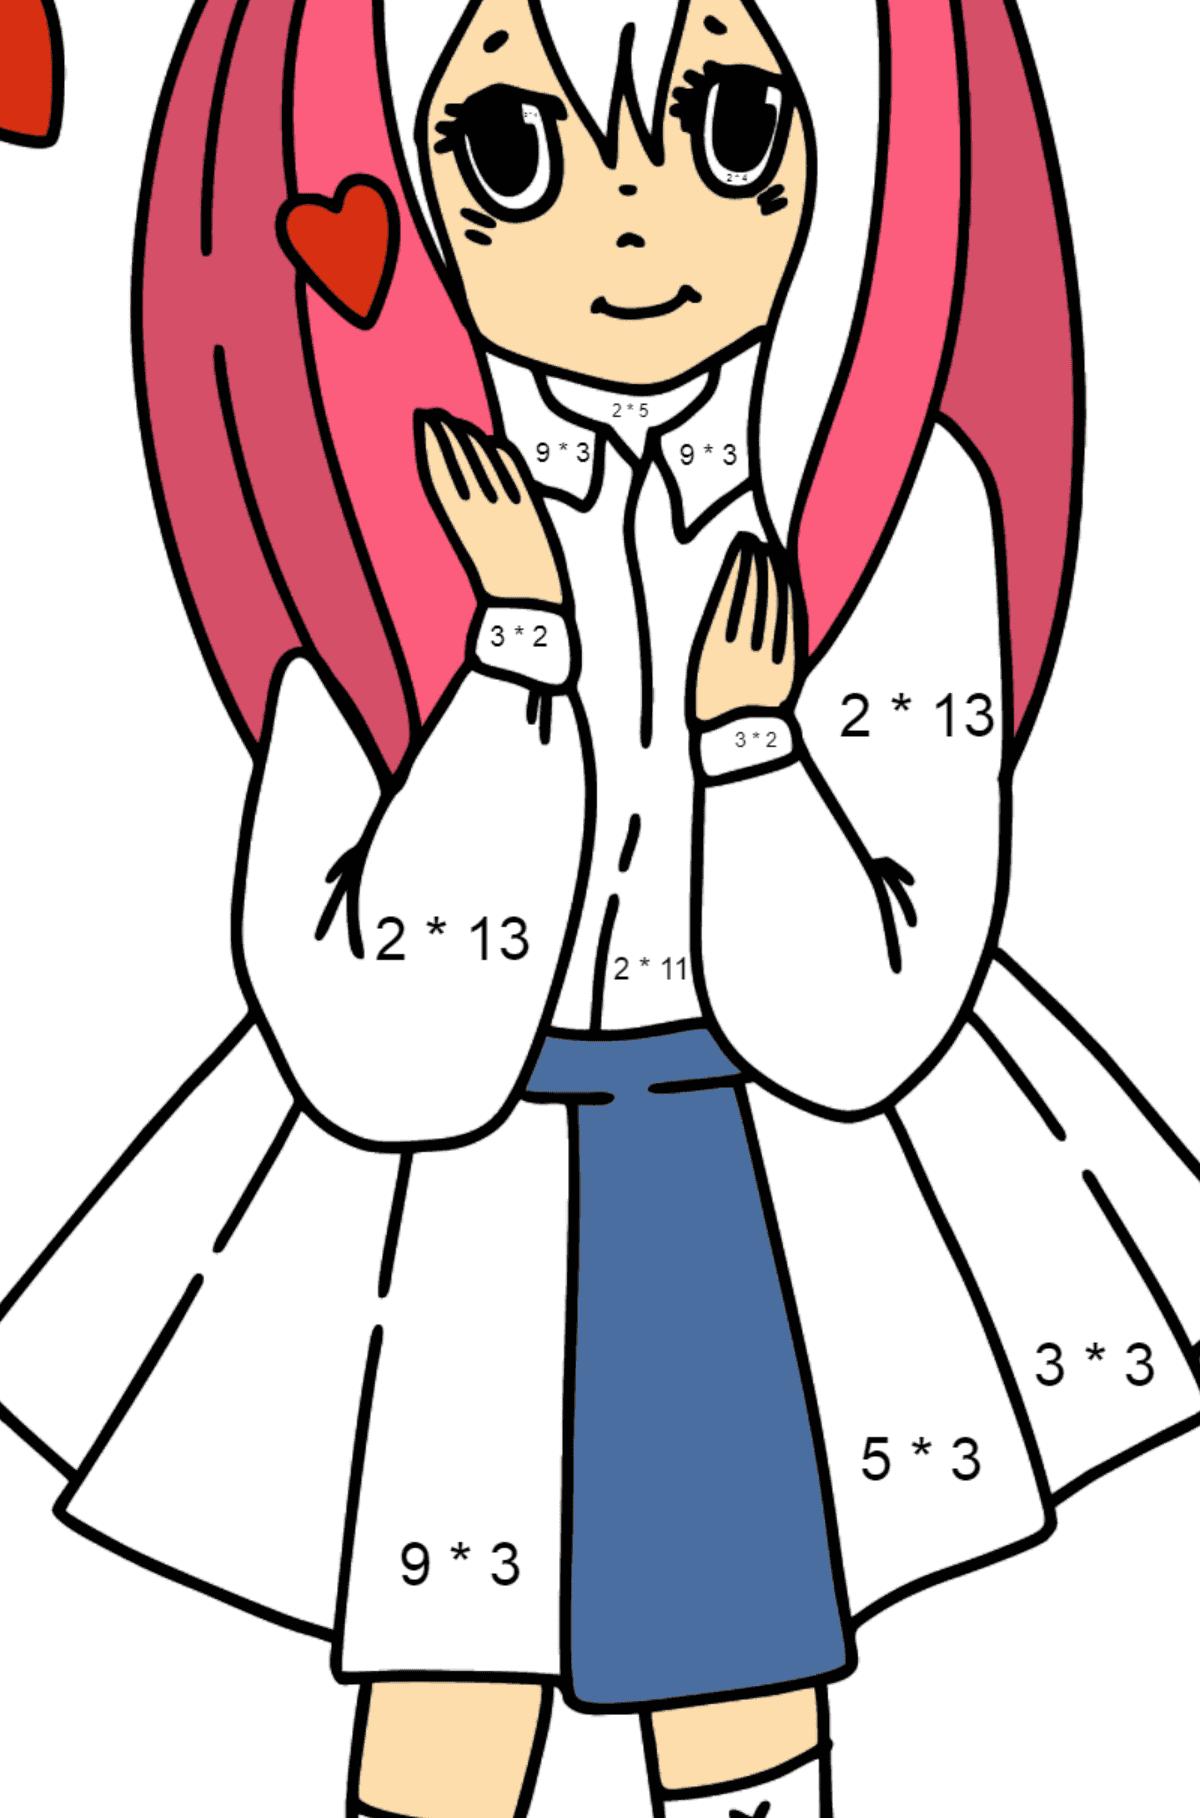 Раскраска Аниме Девушка влюблена - Математическая Раскраска - Умножение для Детей